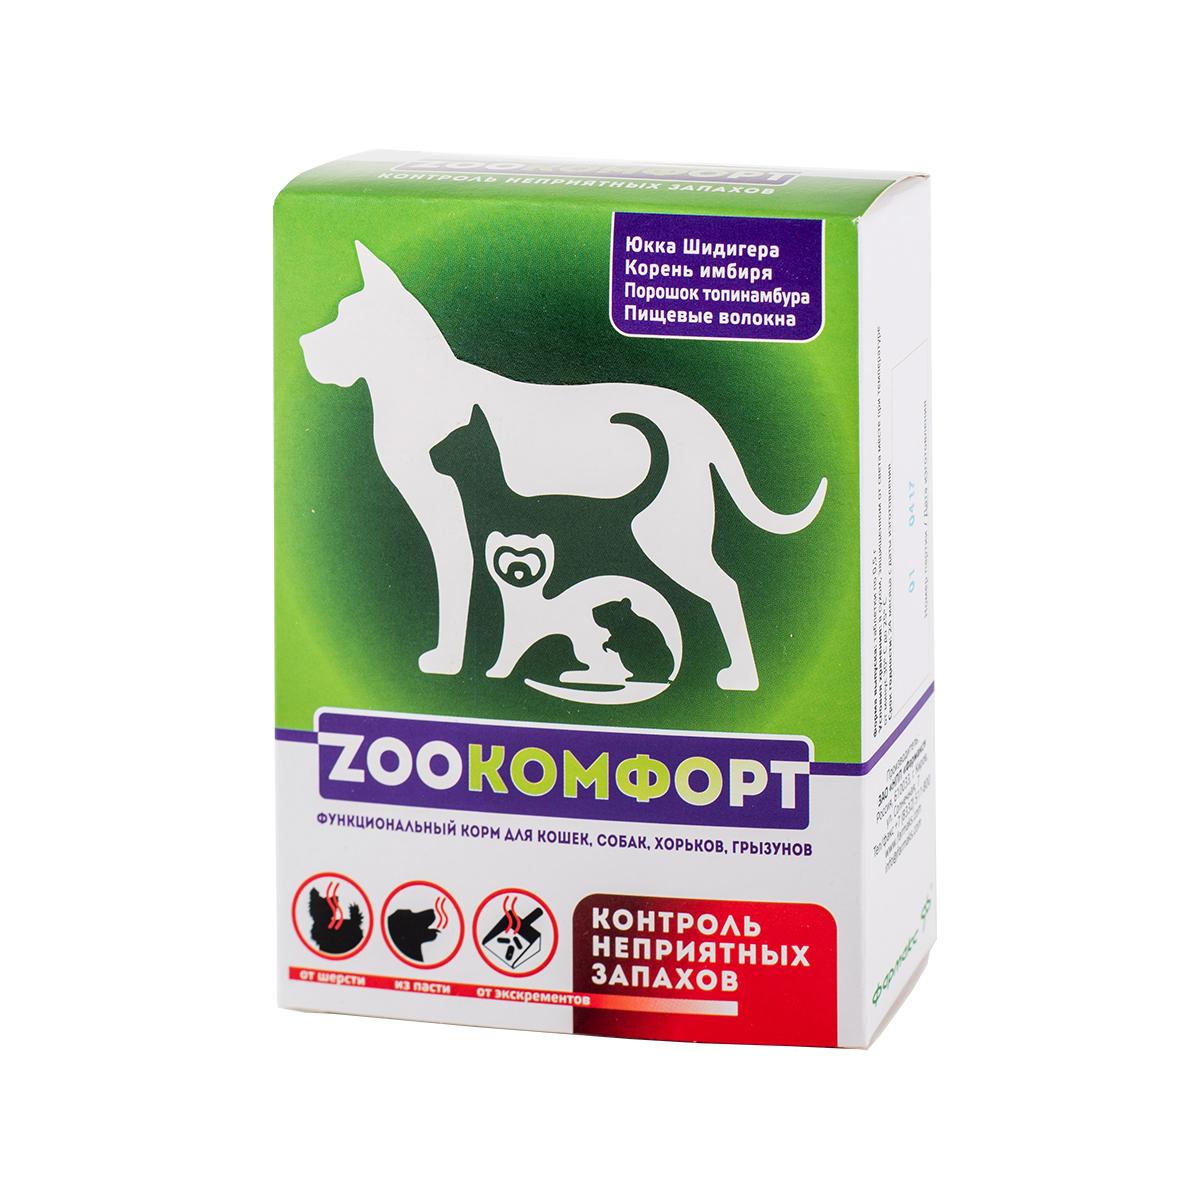 Zоокомфорт для кошек, собак, хорьков и грызунов